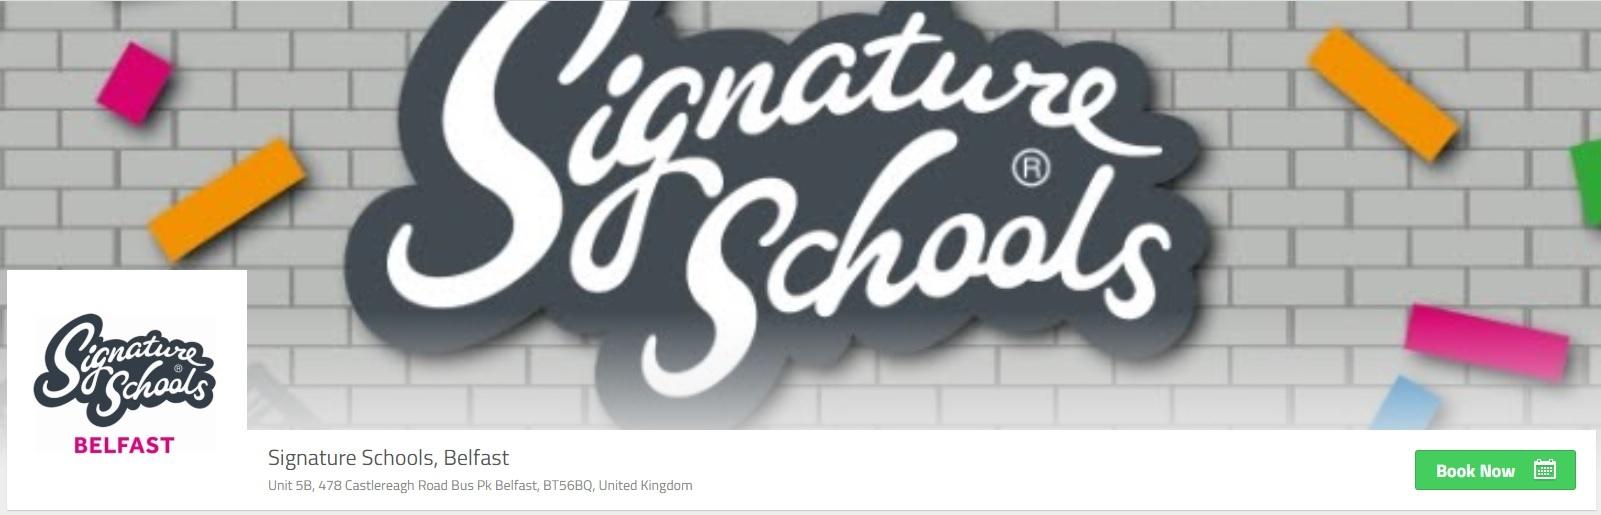 Signature Schools Belfast Online Booking